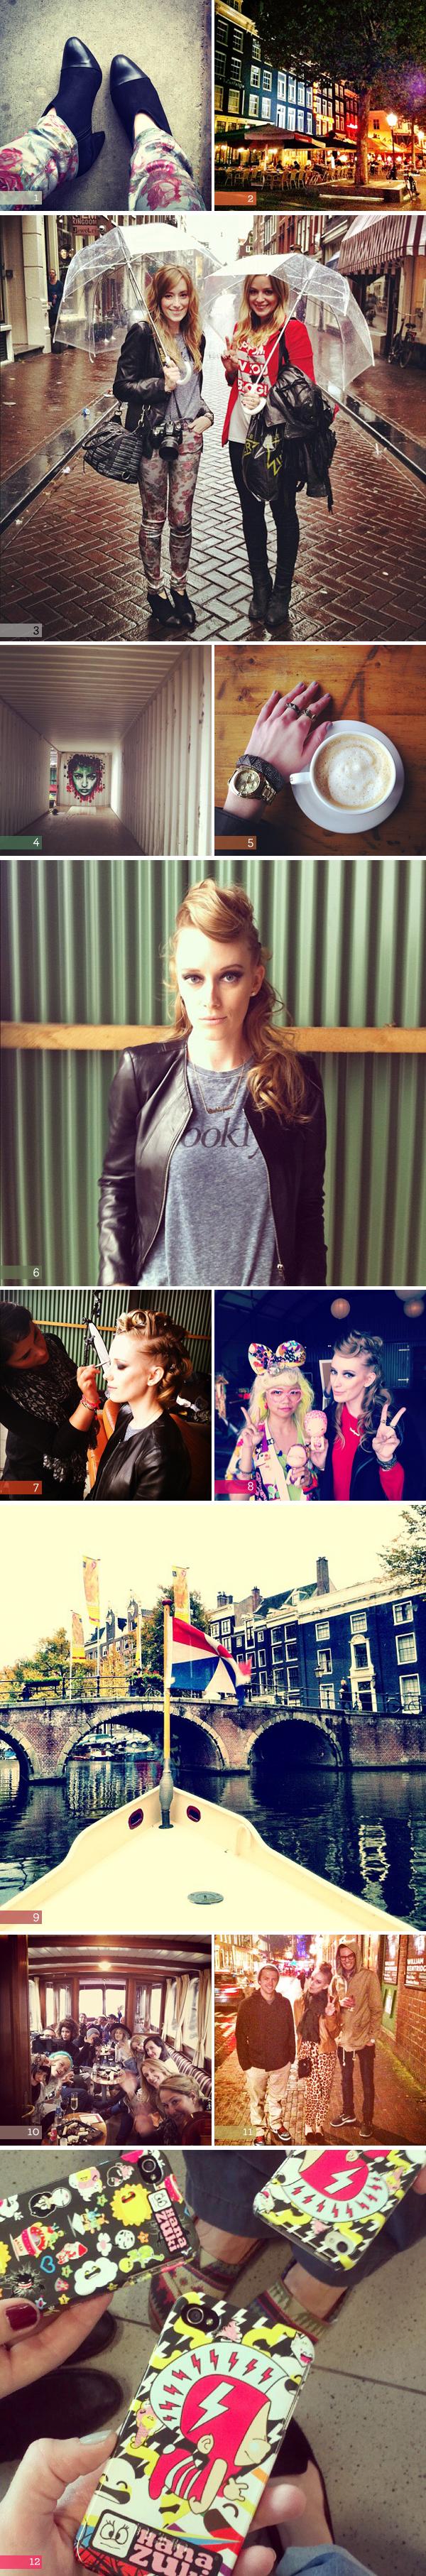 2012-10-16-Instagram_eatsleepwear